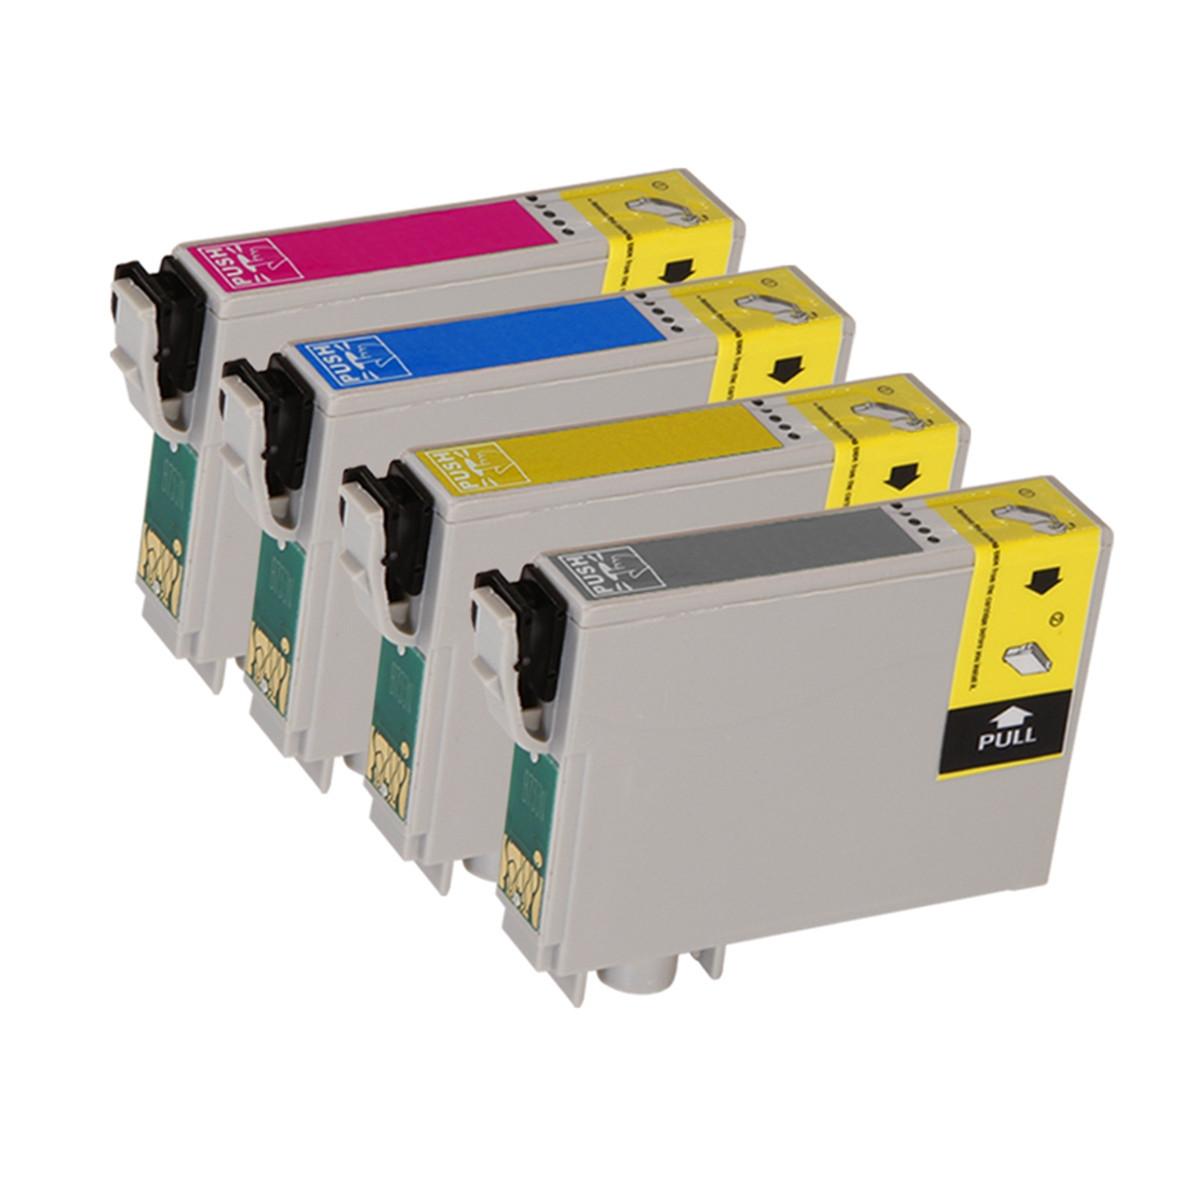 Kit 4 Cartucho de Tinta Epson T082 | T082120 T082220 T082320 T082420 | Compatível